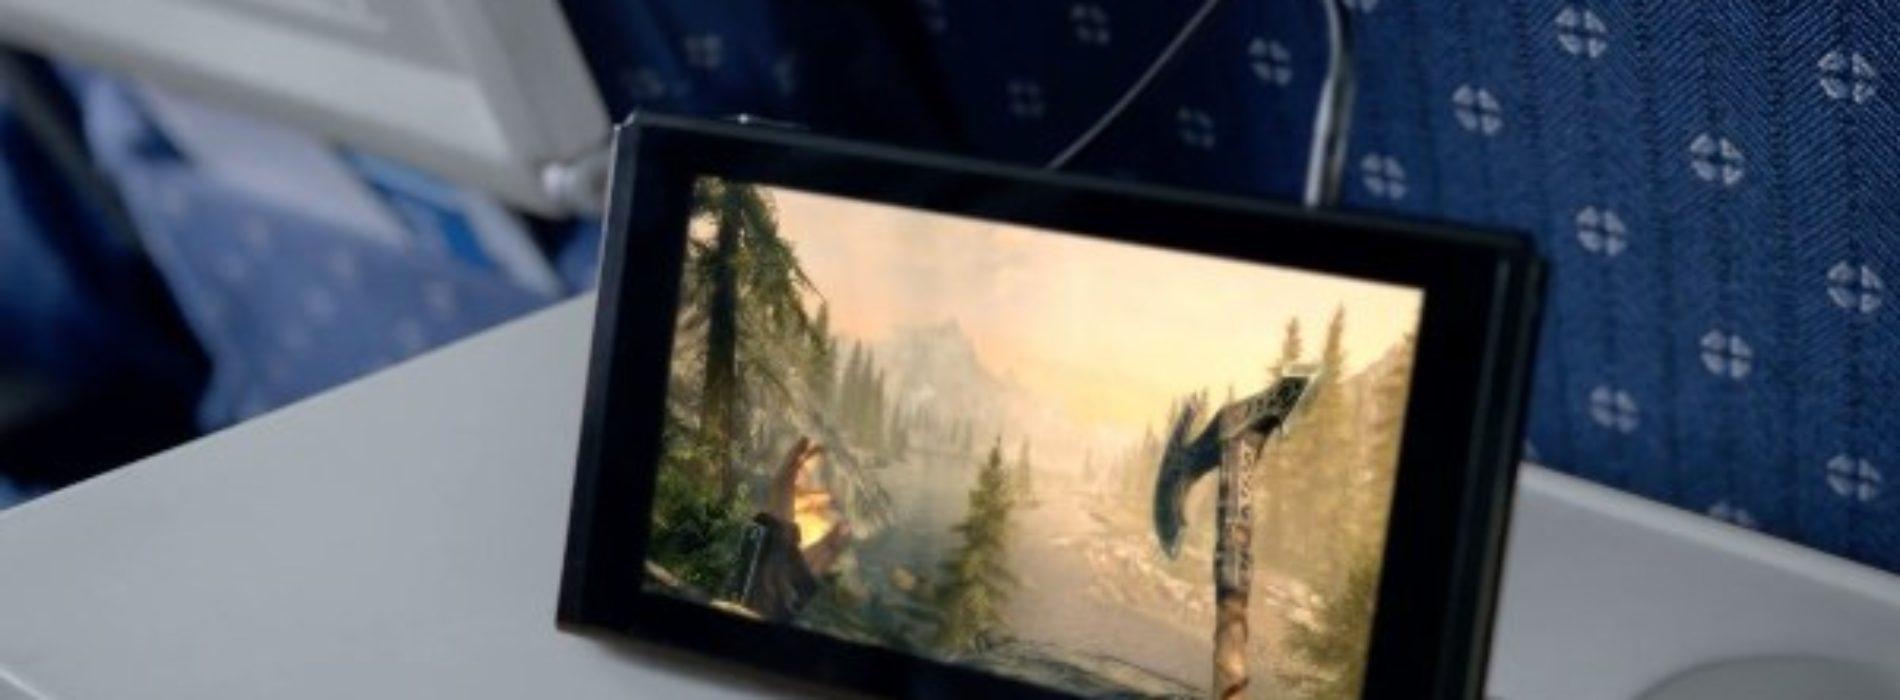 Nintendo revela su nueva consola de videojuegos